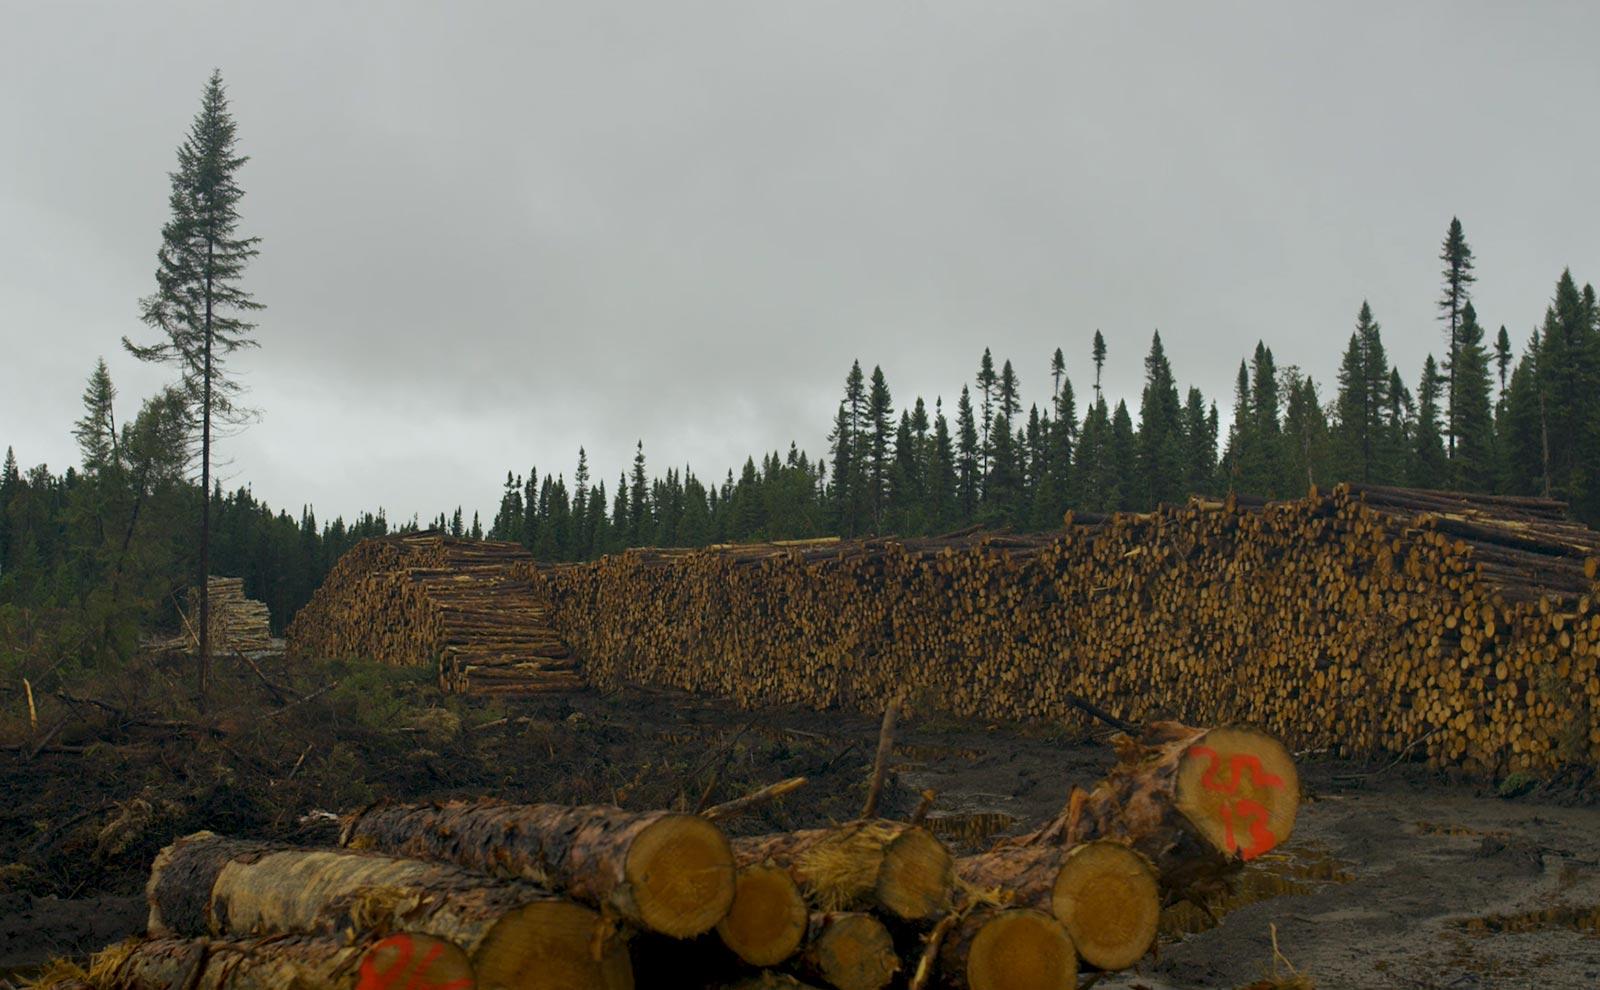 Coupes forestières - Fourrure Abitibi360